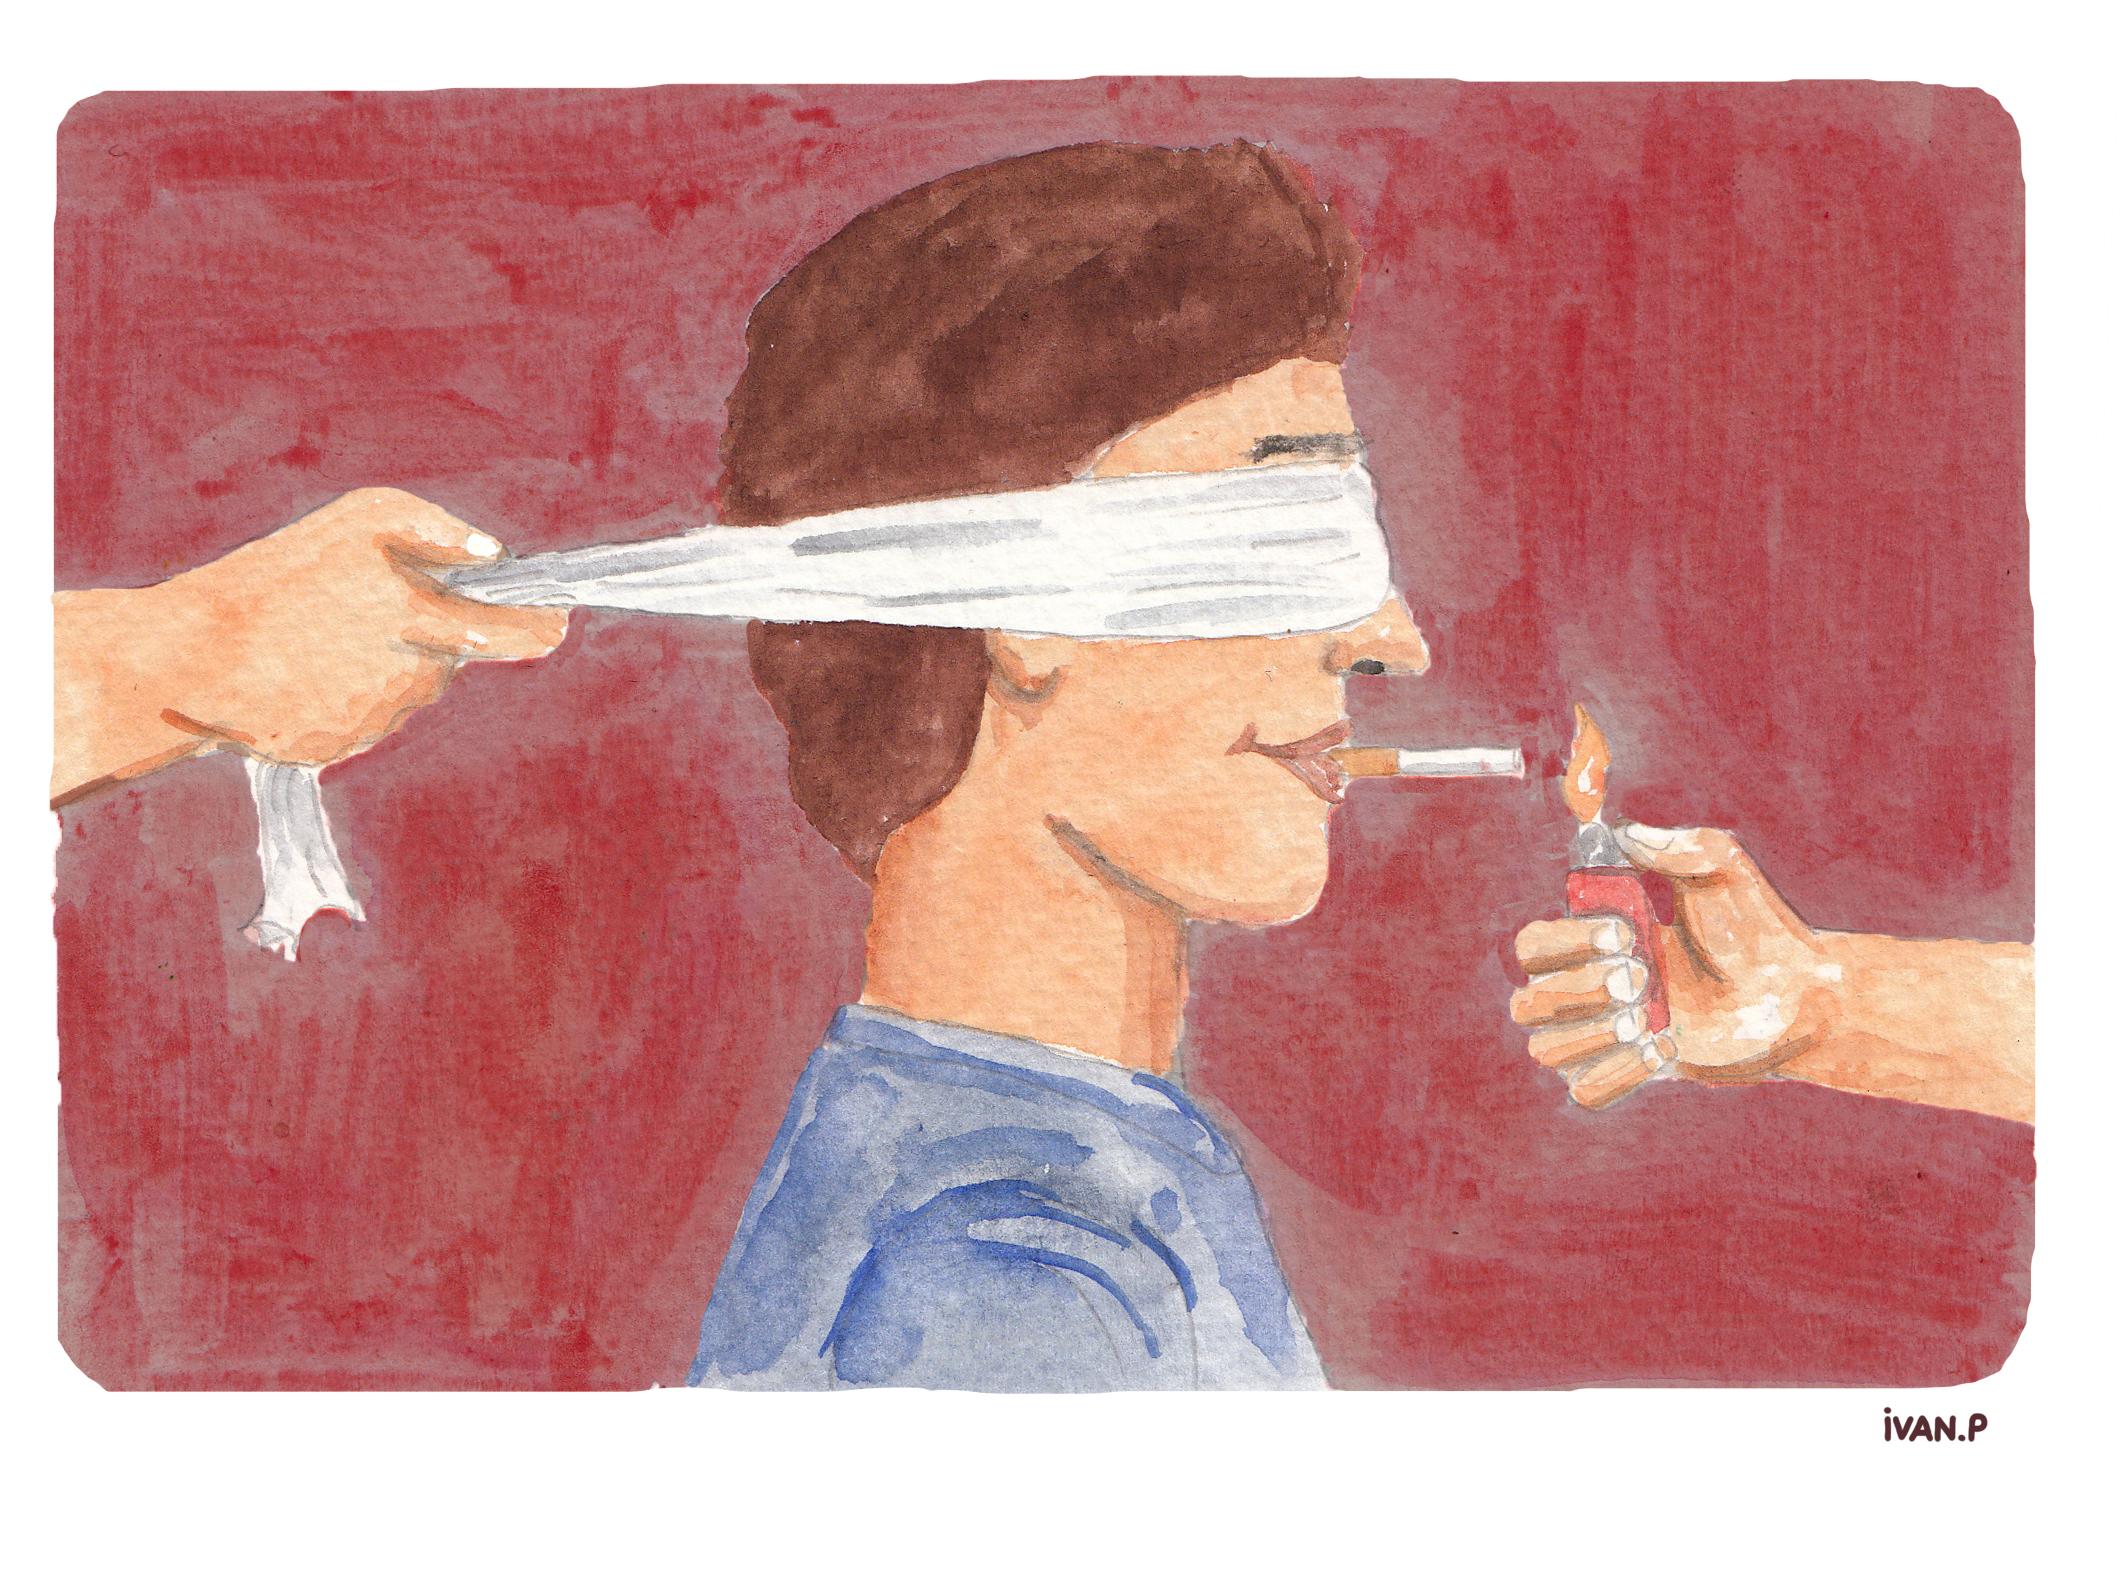 Illustration d'Ivan P sur l'industrie du tabac et le lobbying des grandes entreprises productrices de cigarettes.